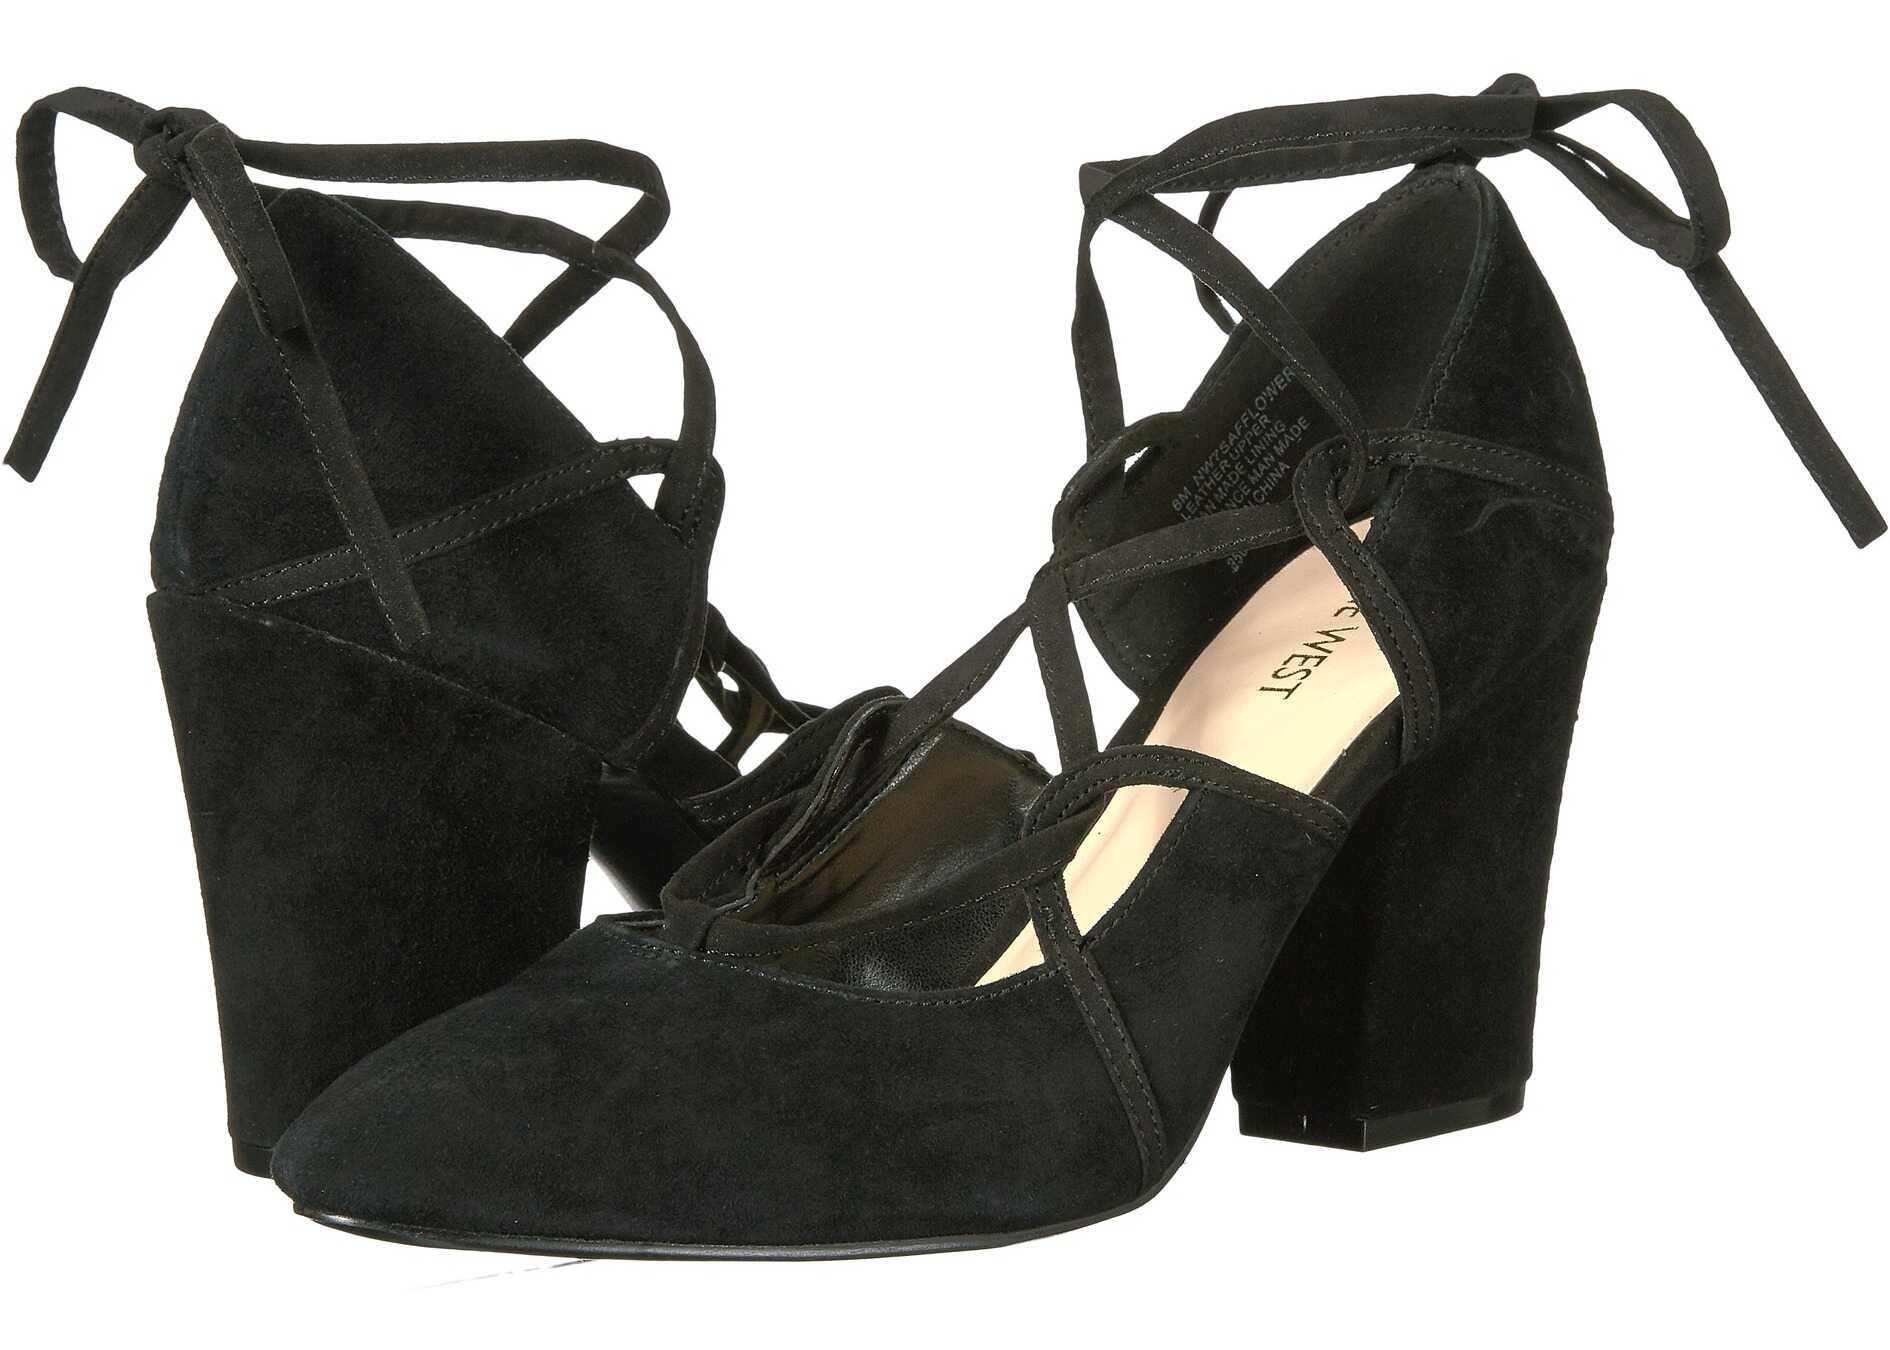 Nine West Safflower Black